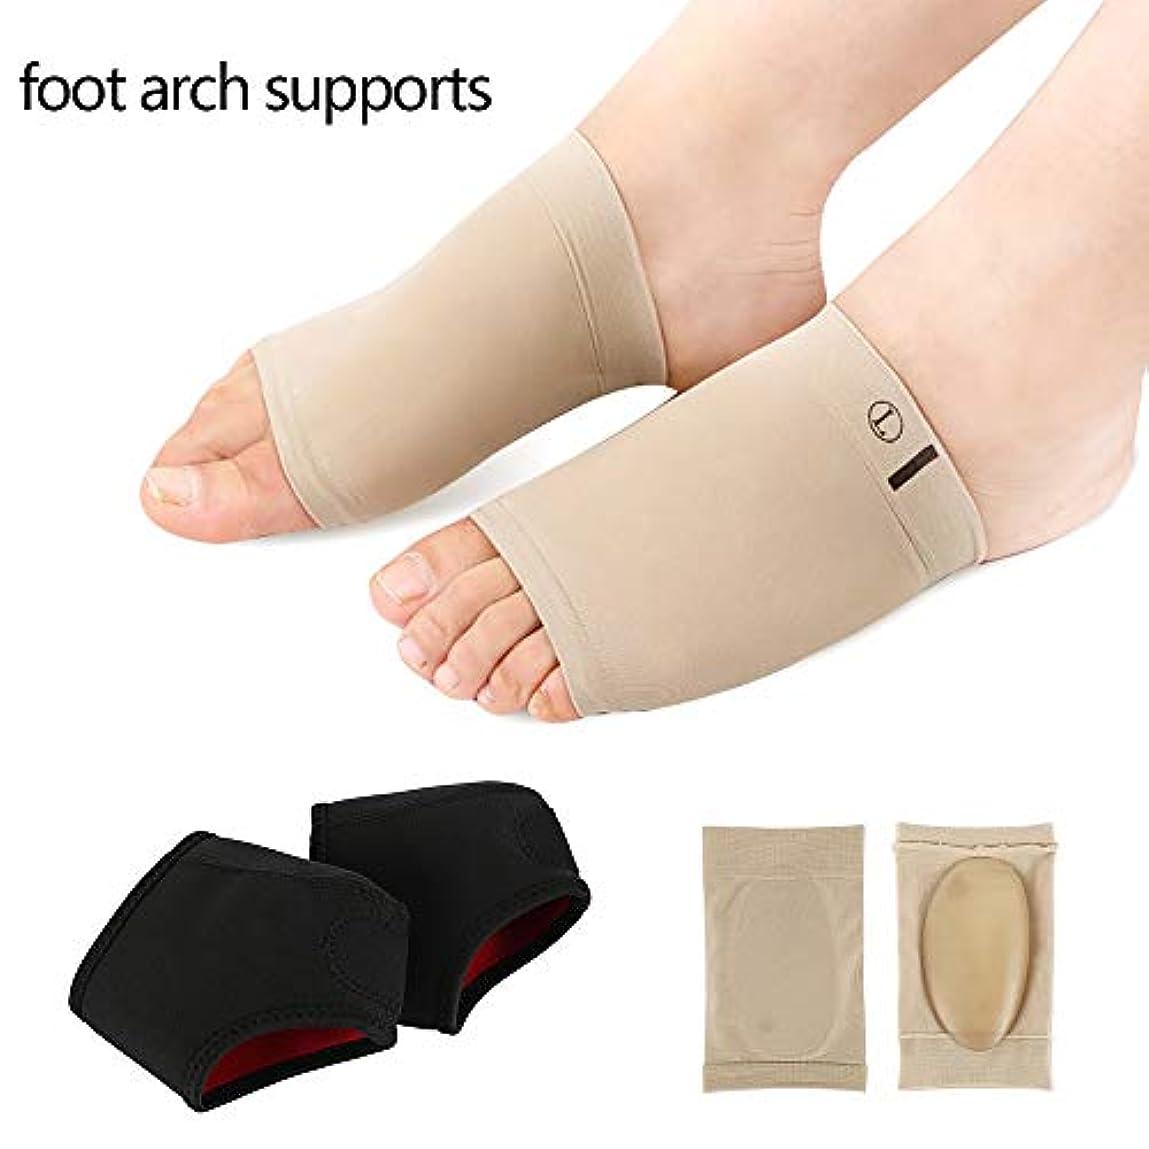 風人形クリーナーPowanfity 足首ブレース 足底筋膜炎 足の痛み解消 サイズ調整可能 アーチサポーター シリコン素材 足の痛み防止 足裏 フリーサイズ 男女兼用